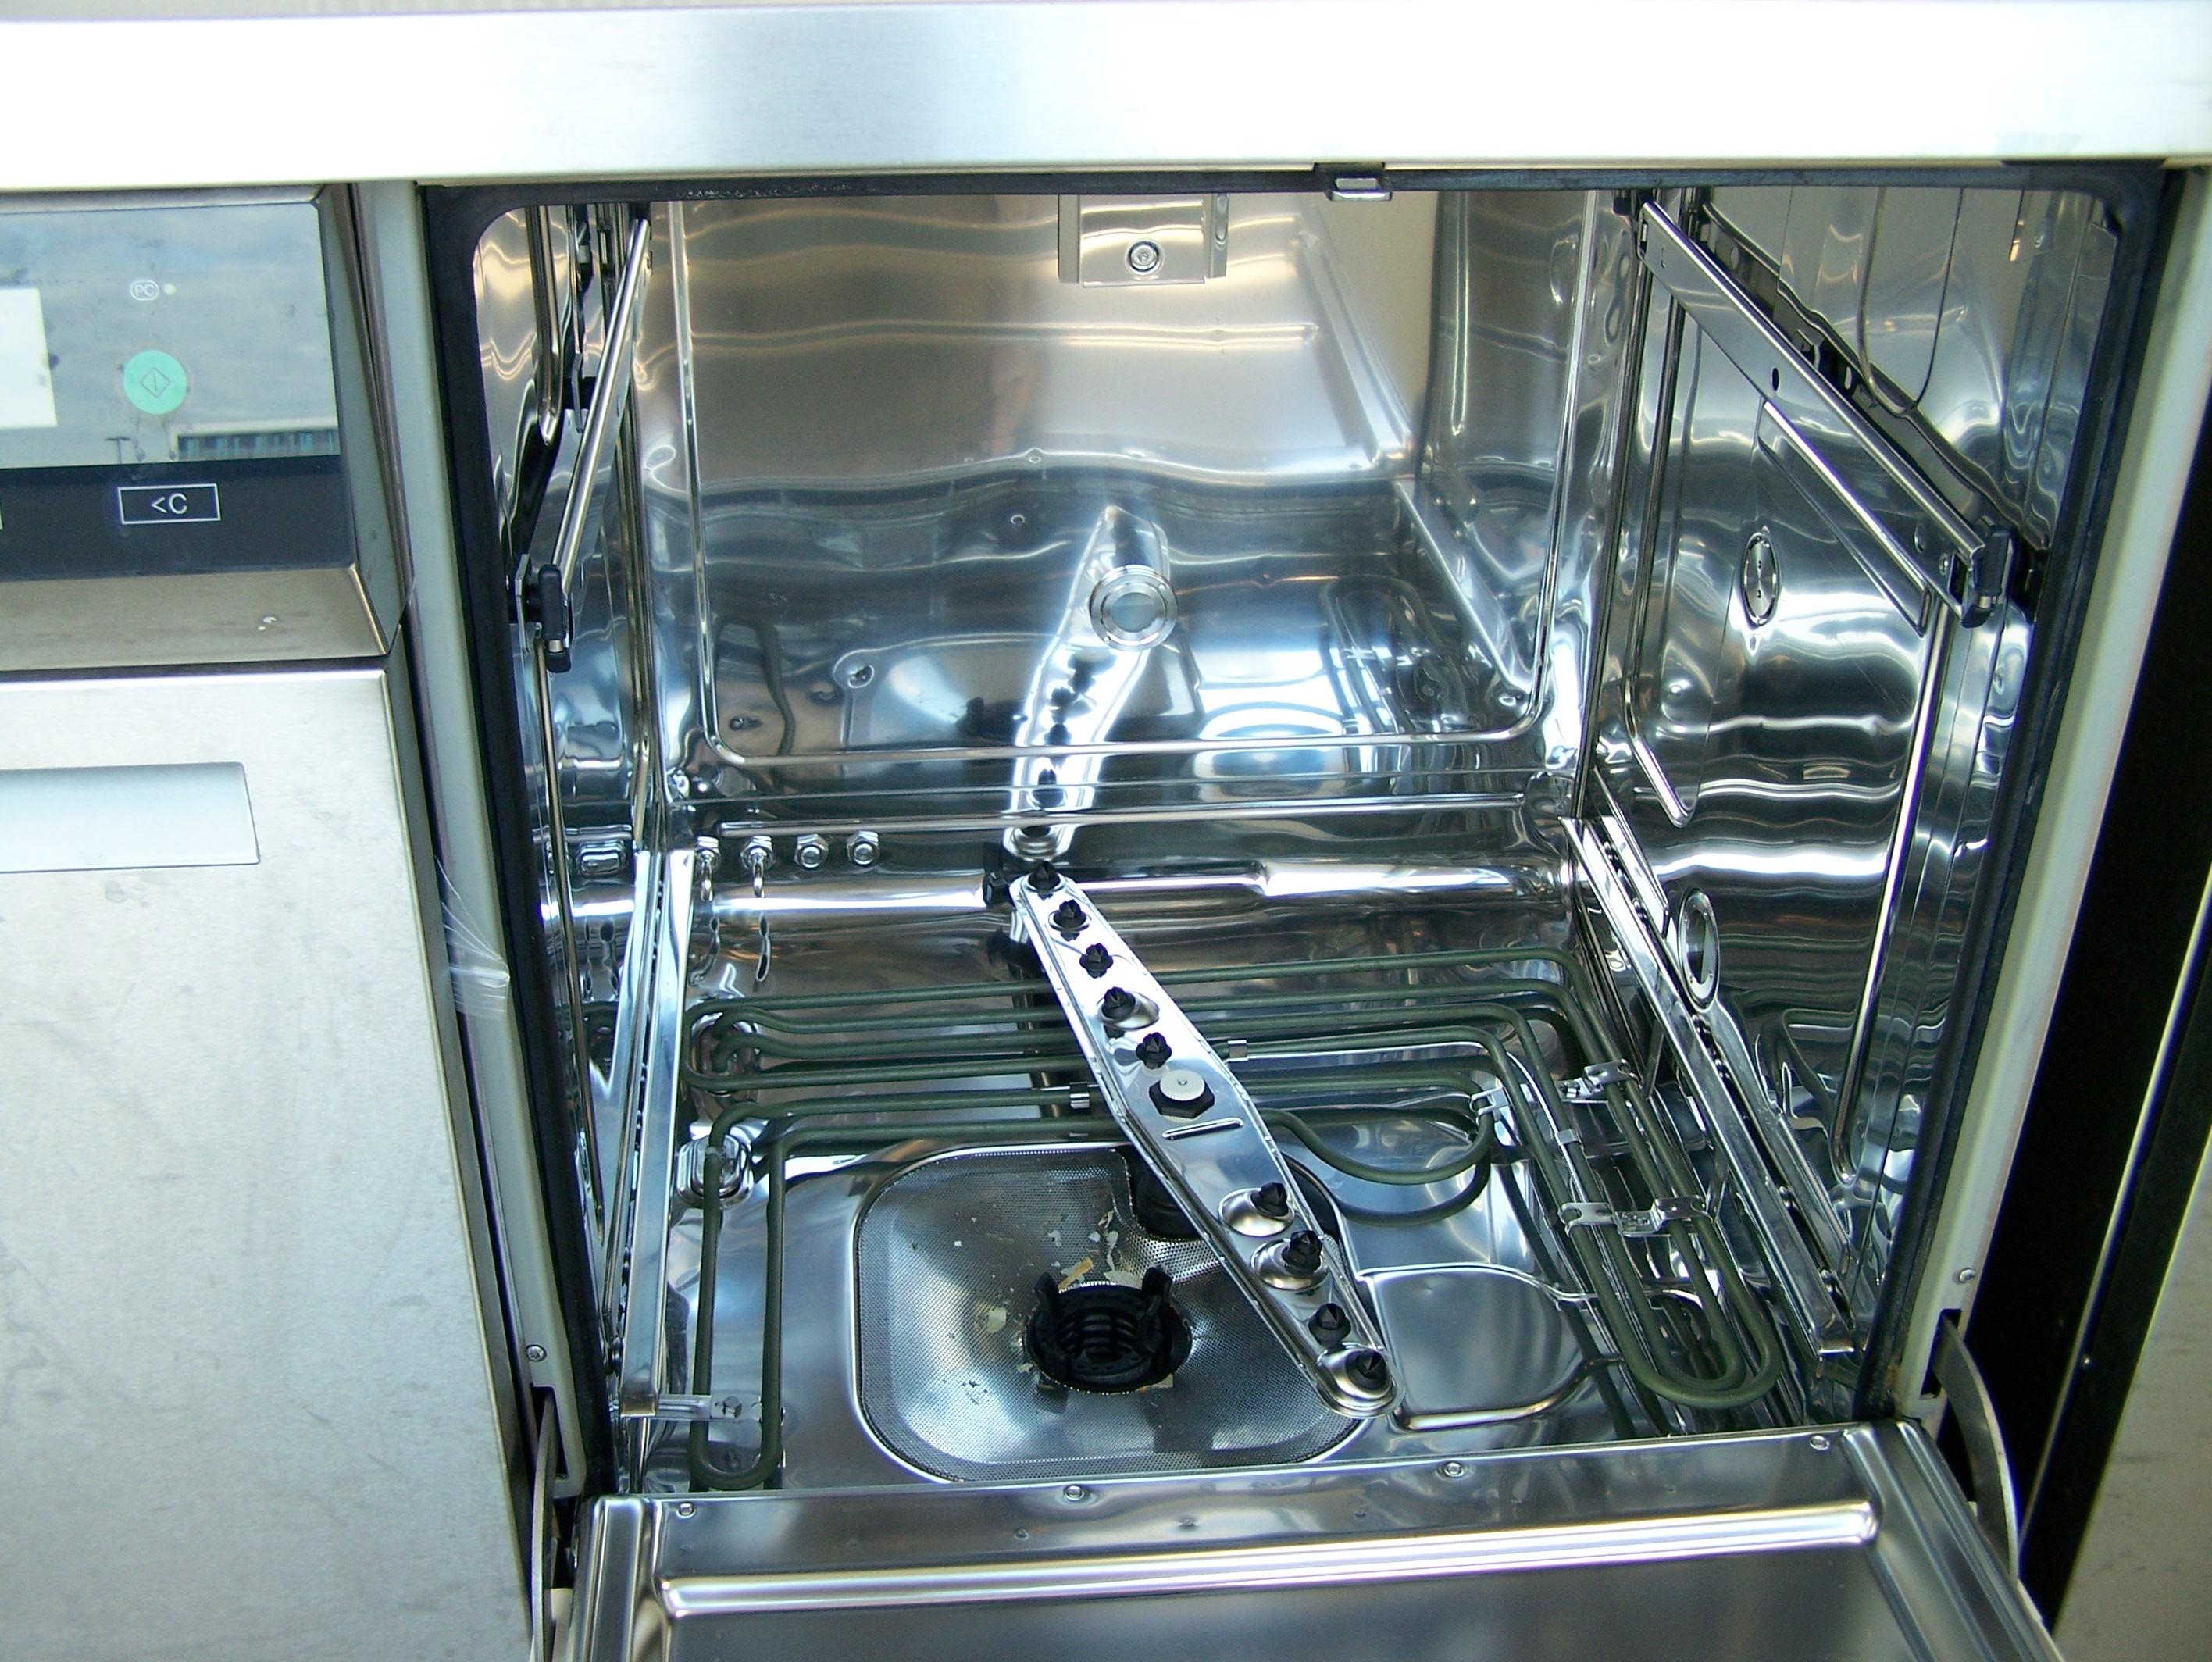 external/lab/dishwasher-utilization-and-maintenance/img/dishwasher_img_12.jpg